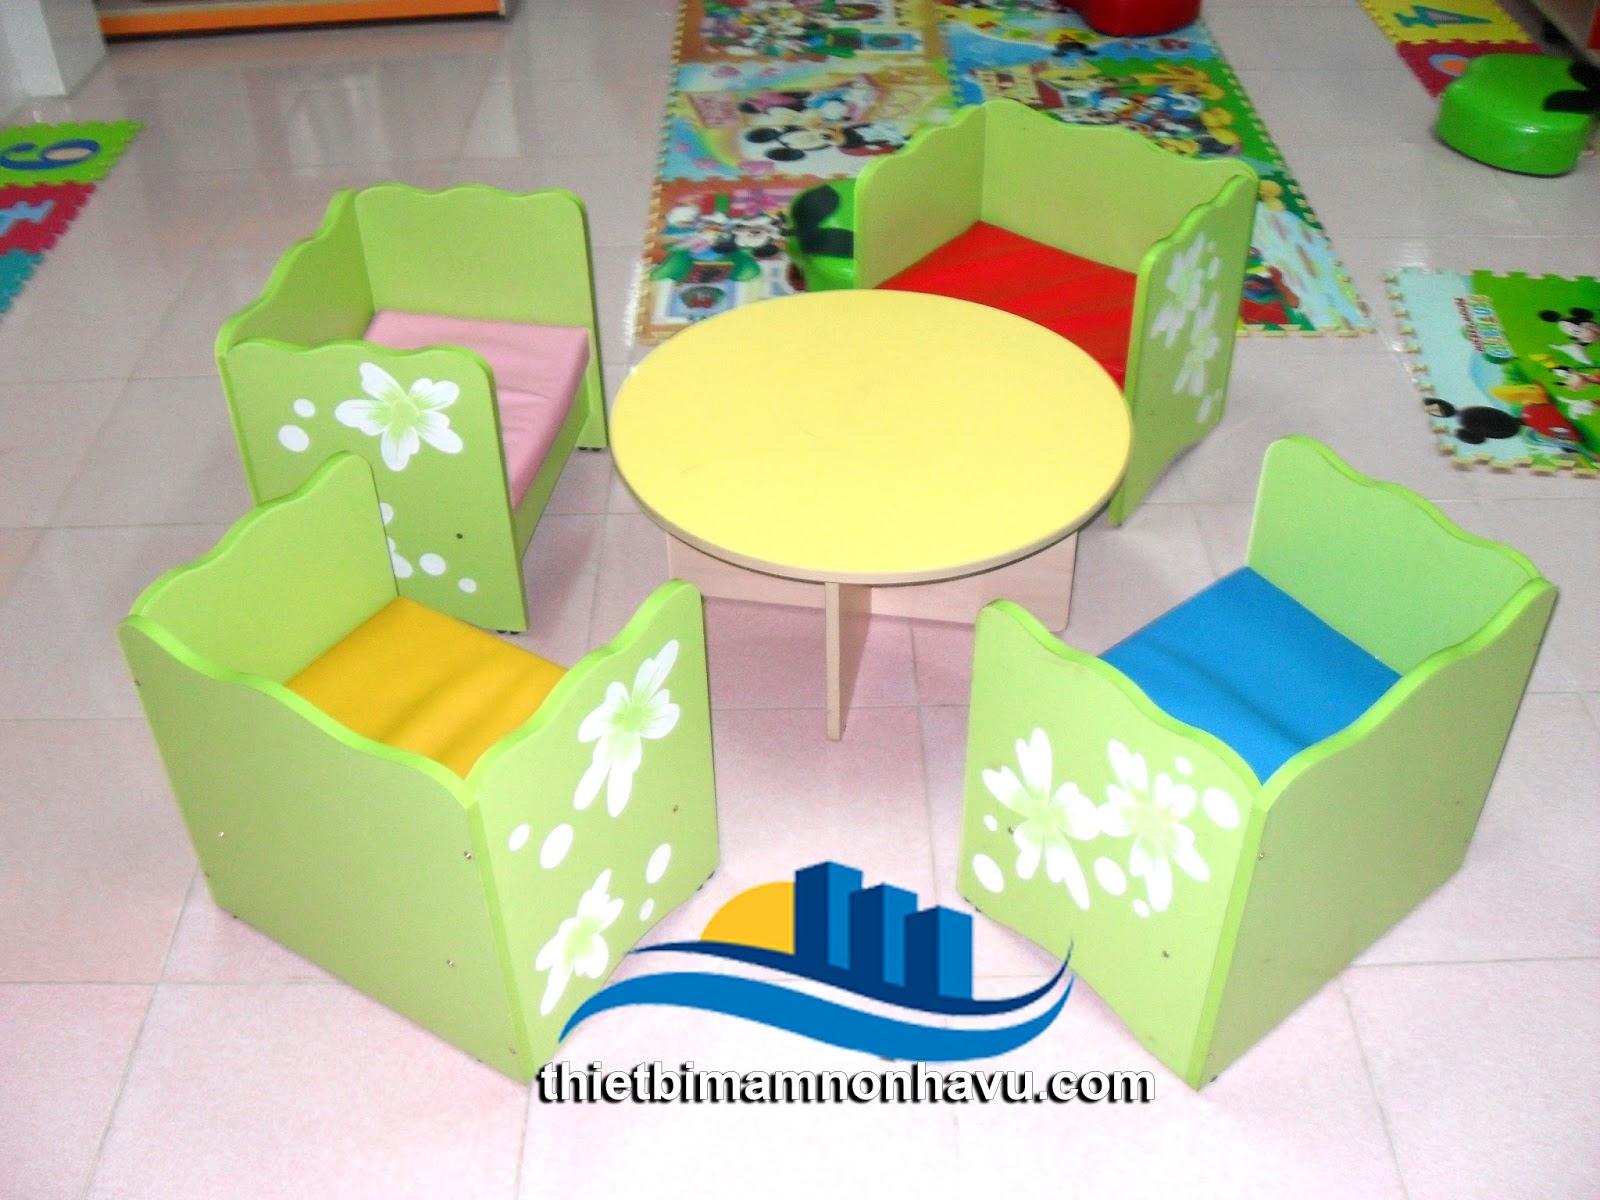 Bộ bàn ghế thư viện bàn tròn ghế vuông